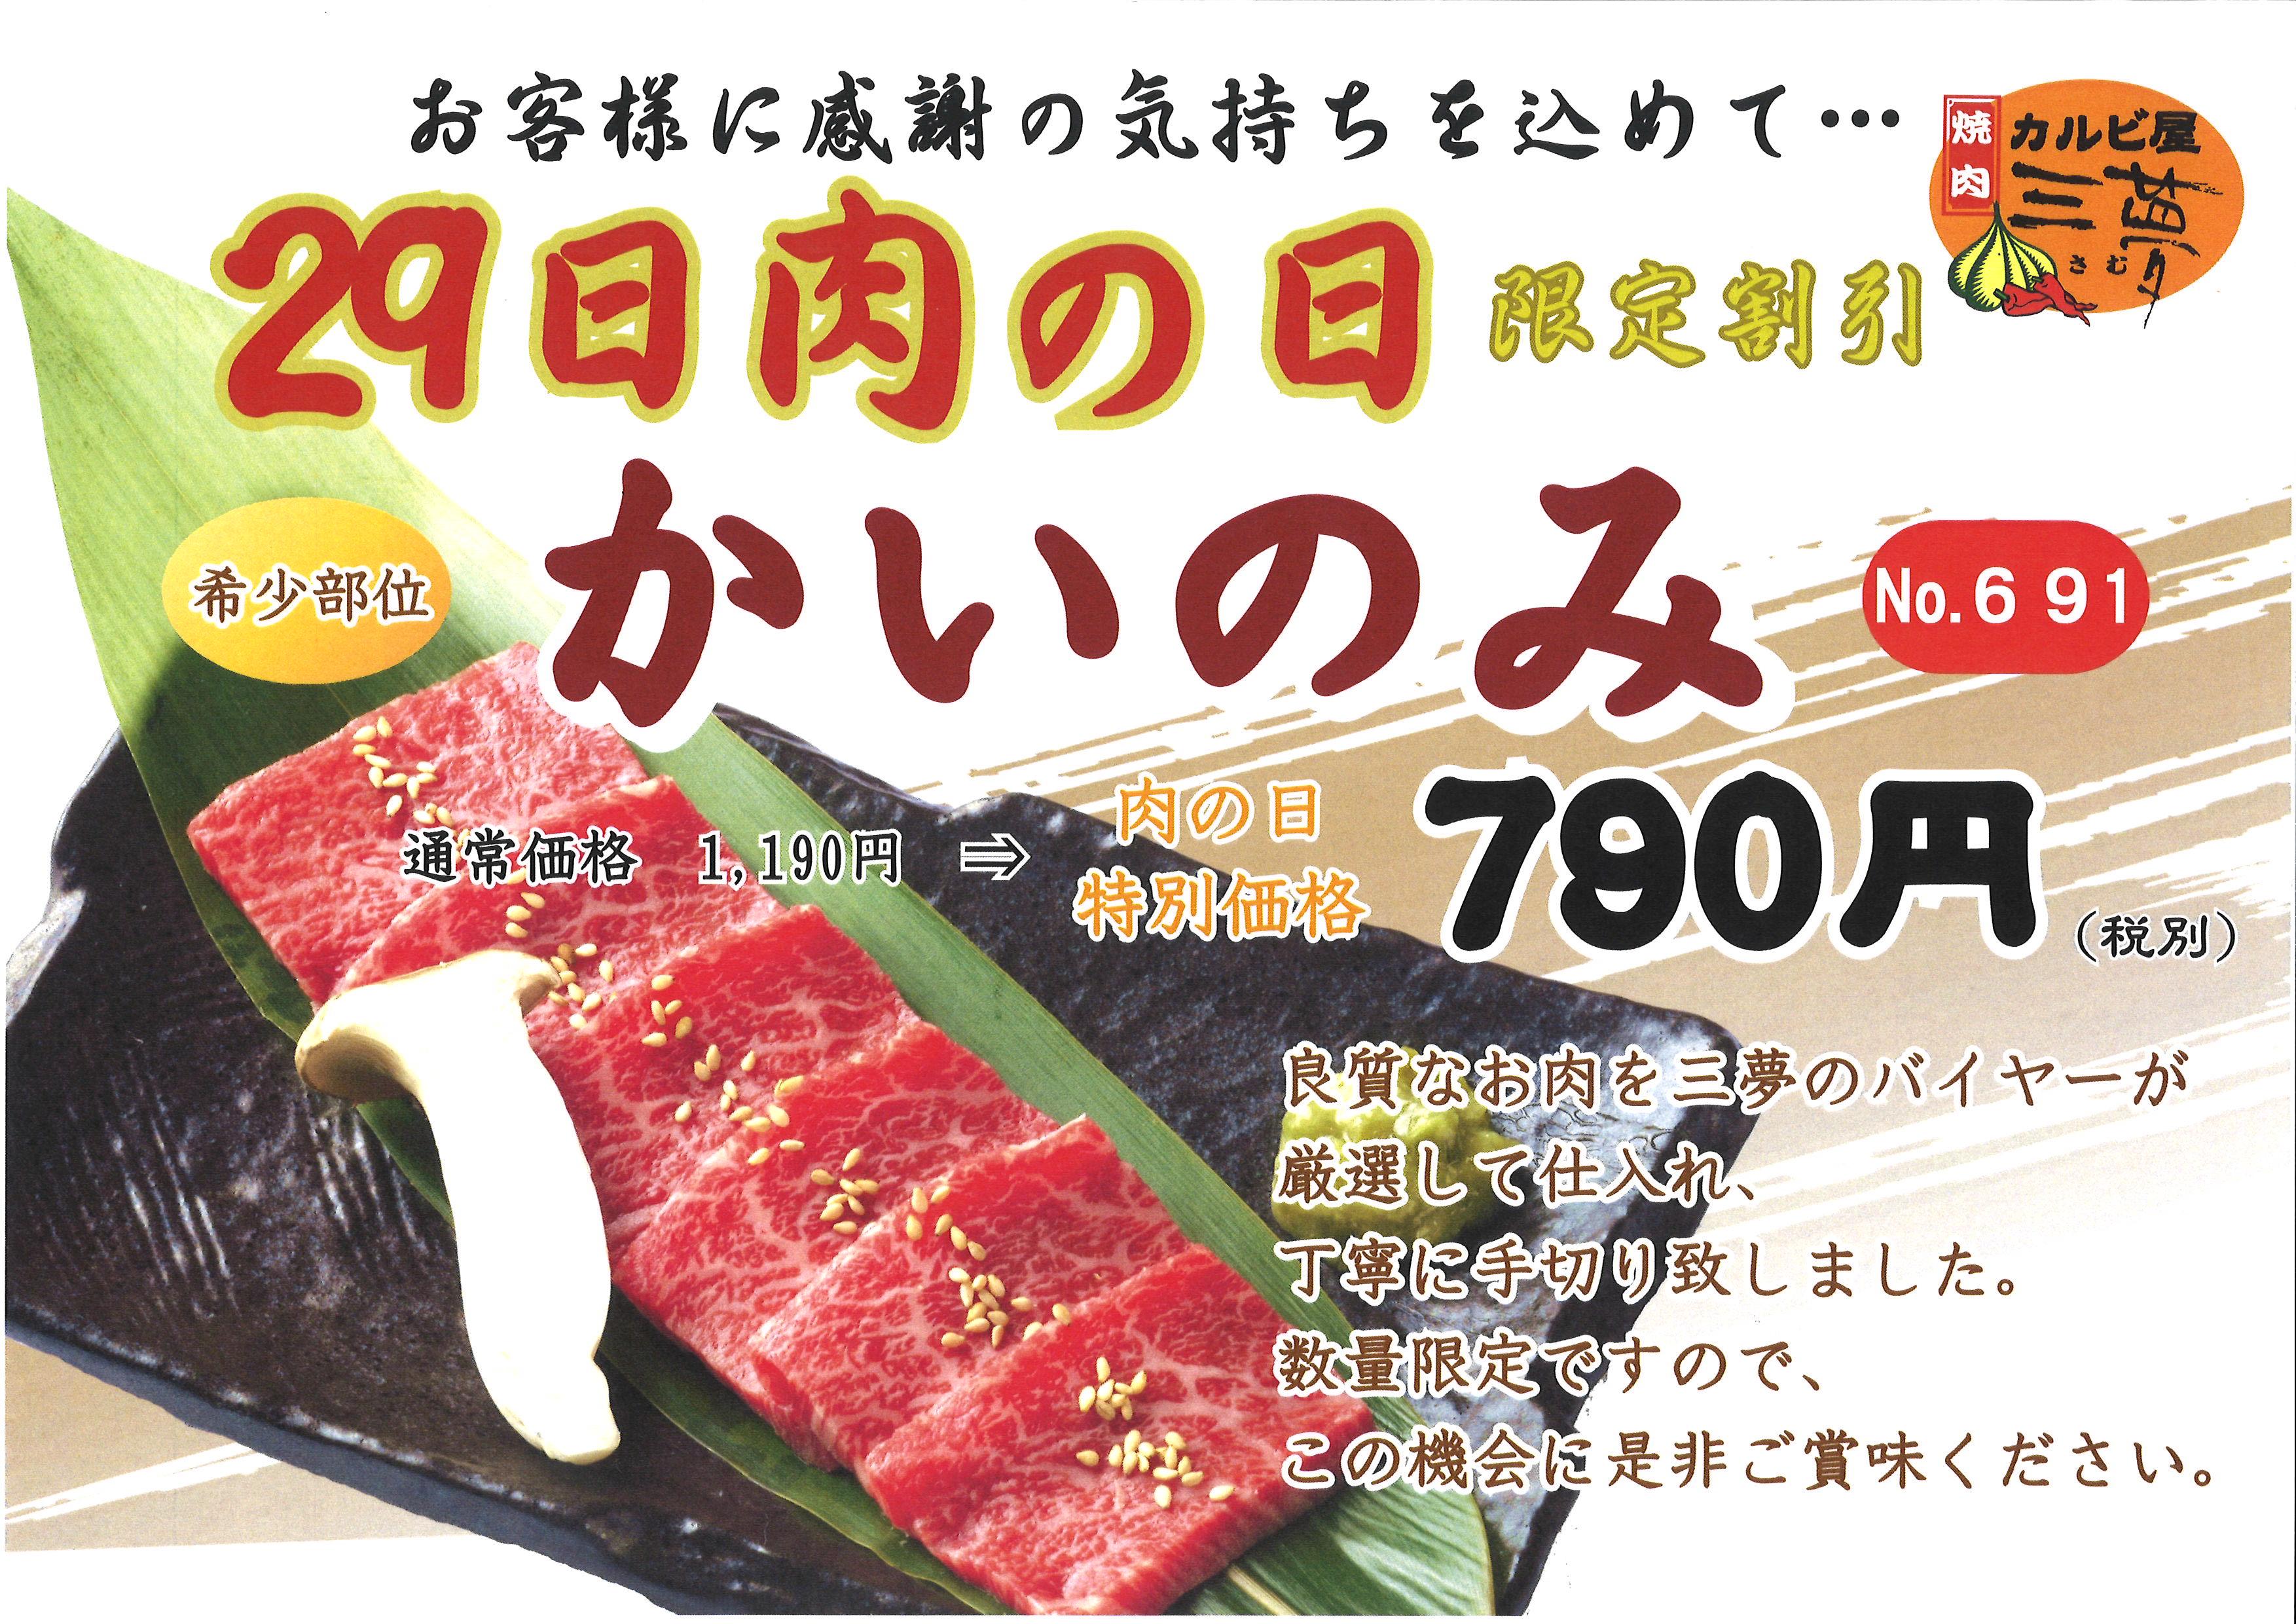 カルビ屋三夢の肉の日!!! 6月29日です!!!